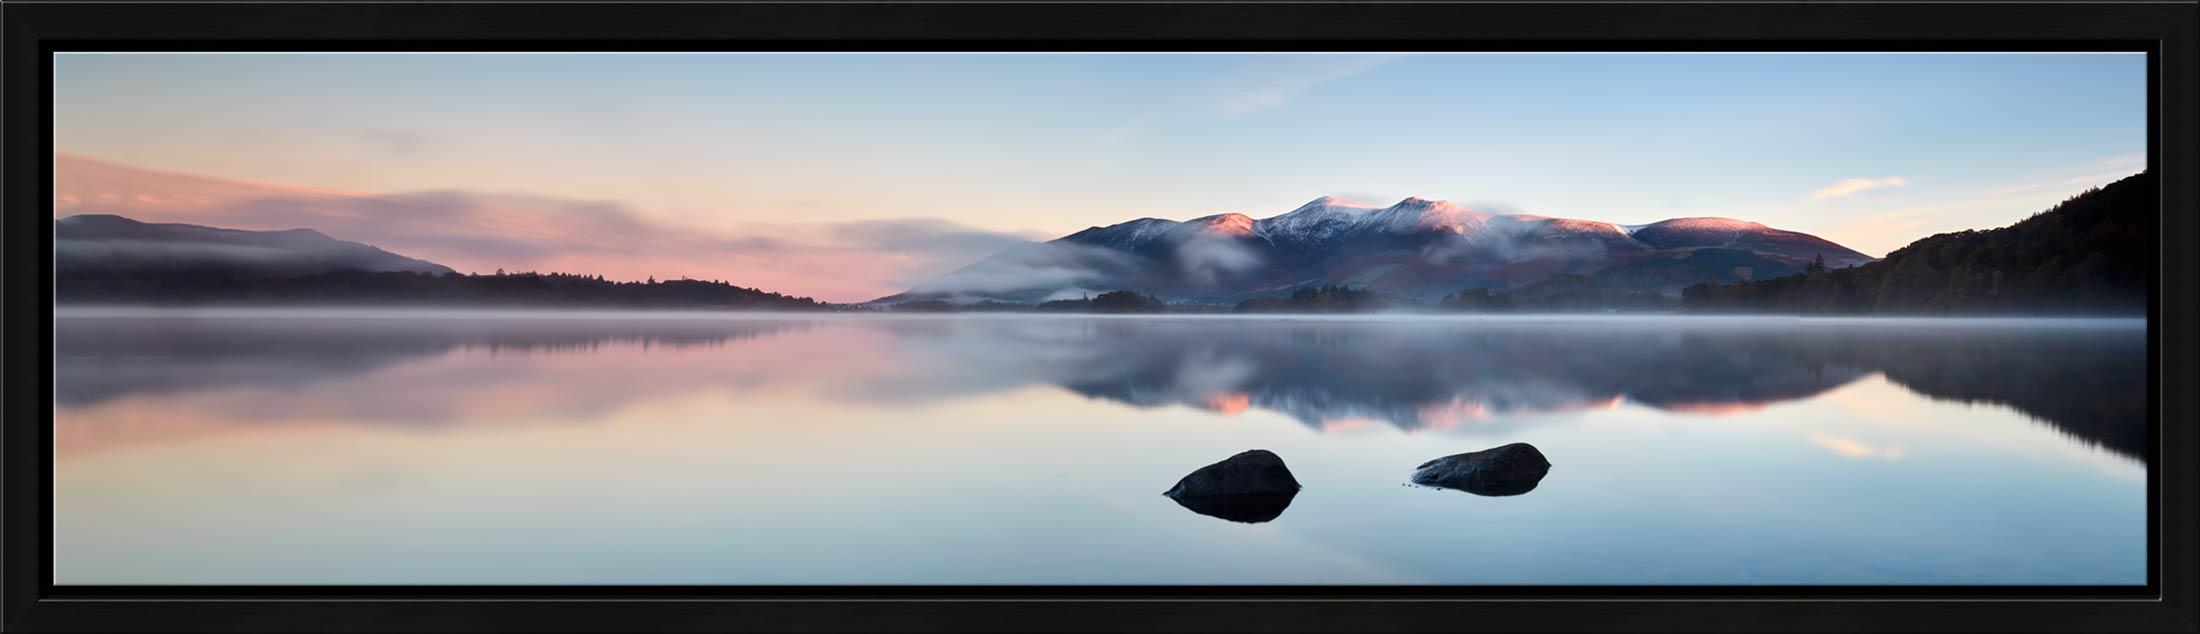 A New Day Dawns at Derwent Water - Modern Print